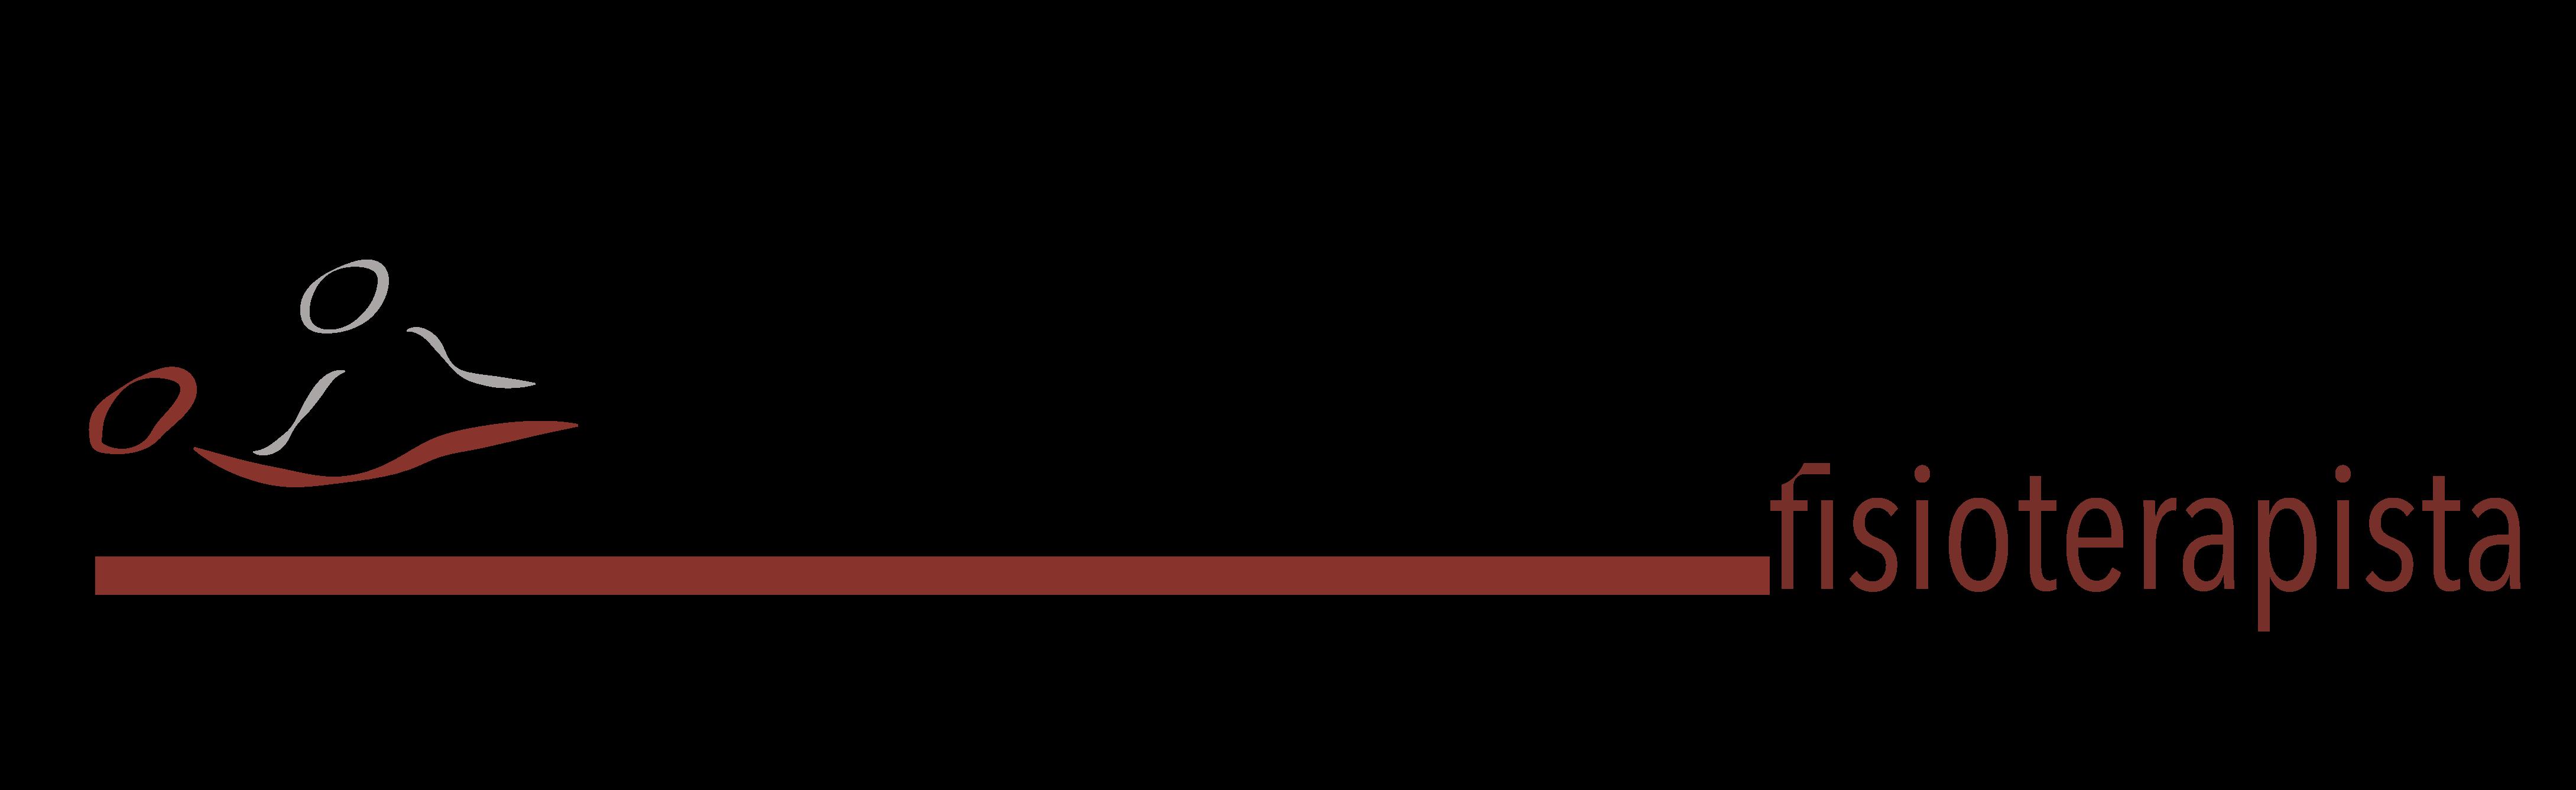 Fisiomica di Michele Cappelletti: Fisioterapista ad Amandola (AP) Logo